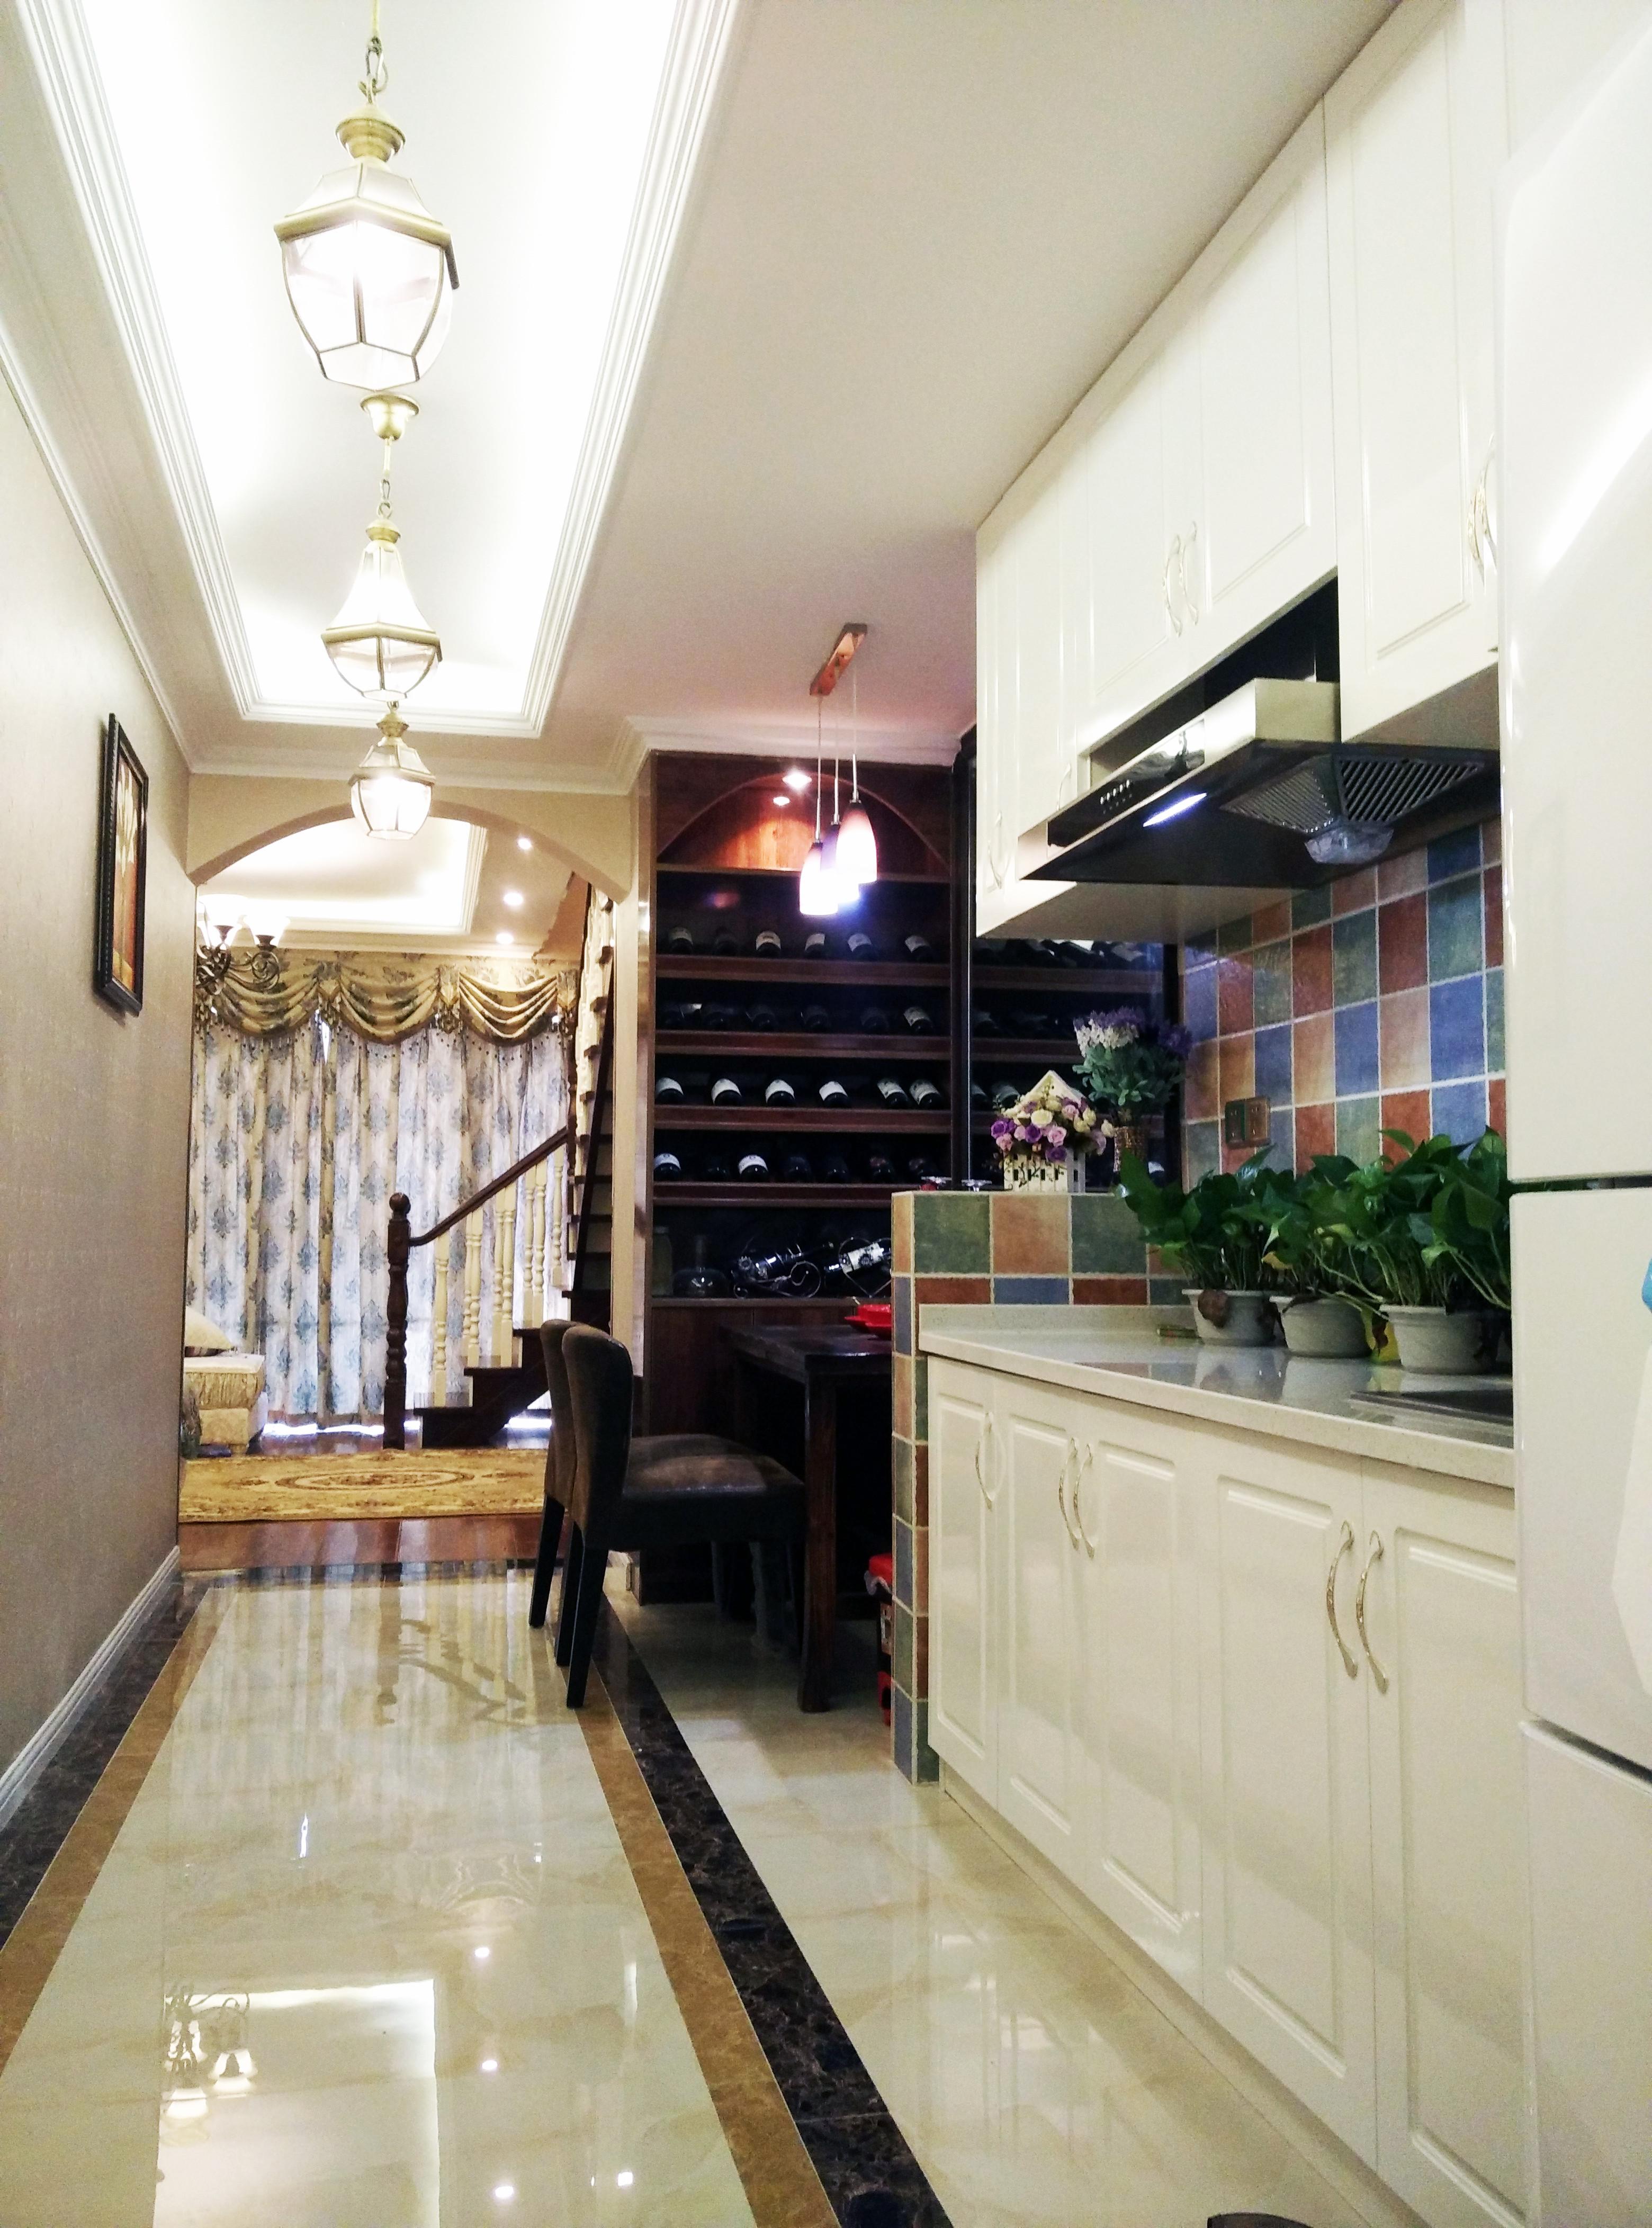 复古美式小复式装修厨房设计图